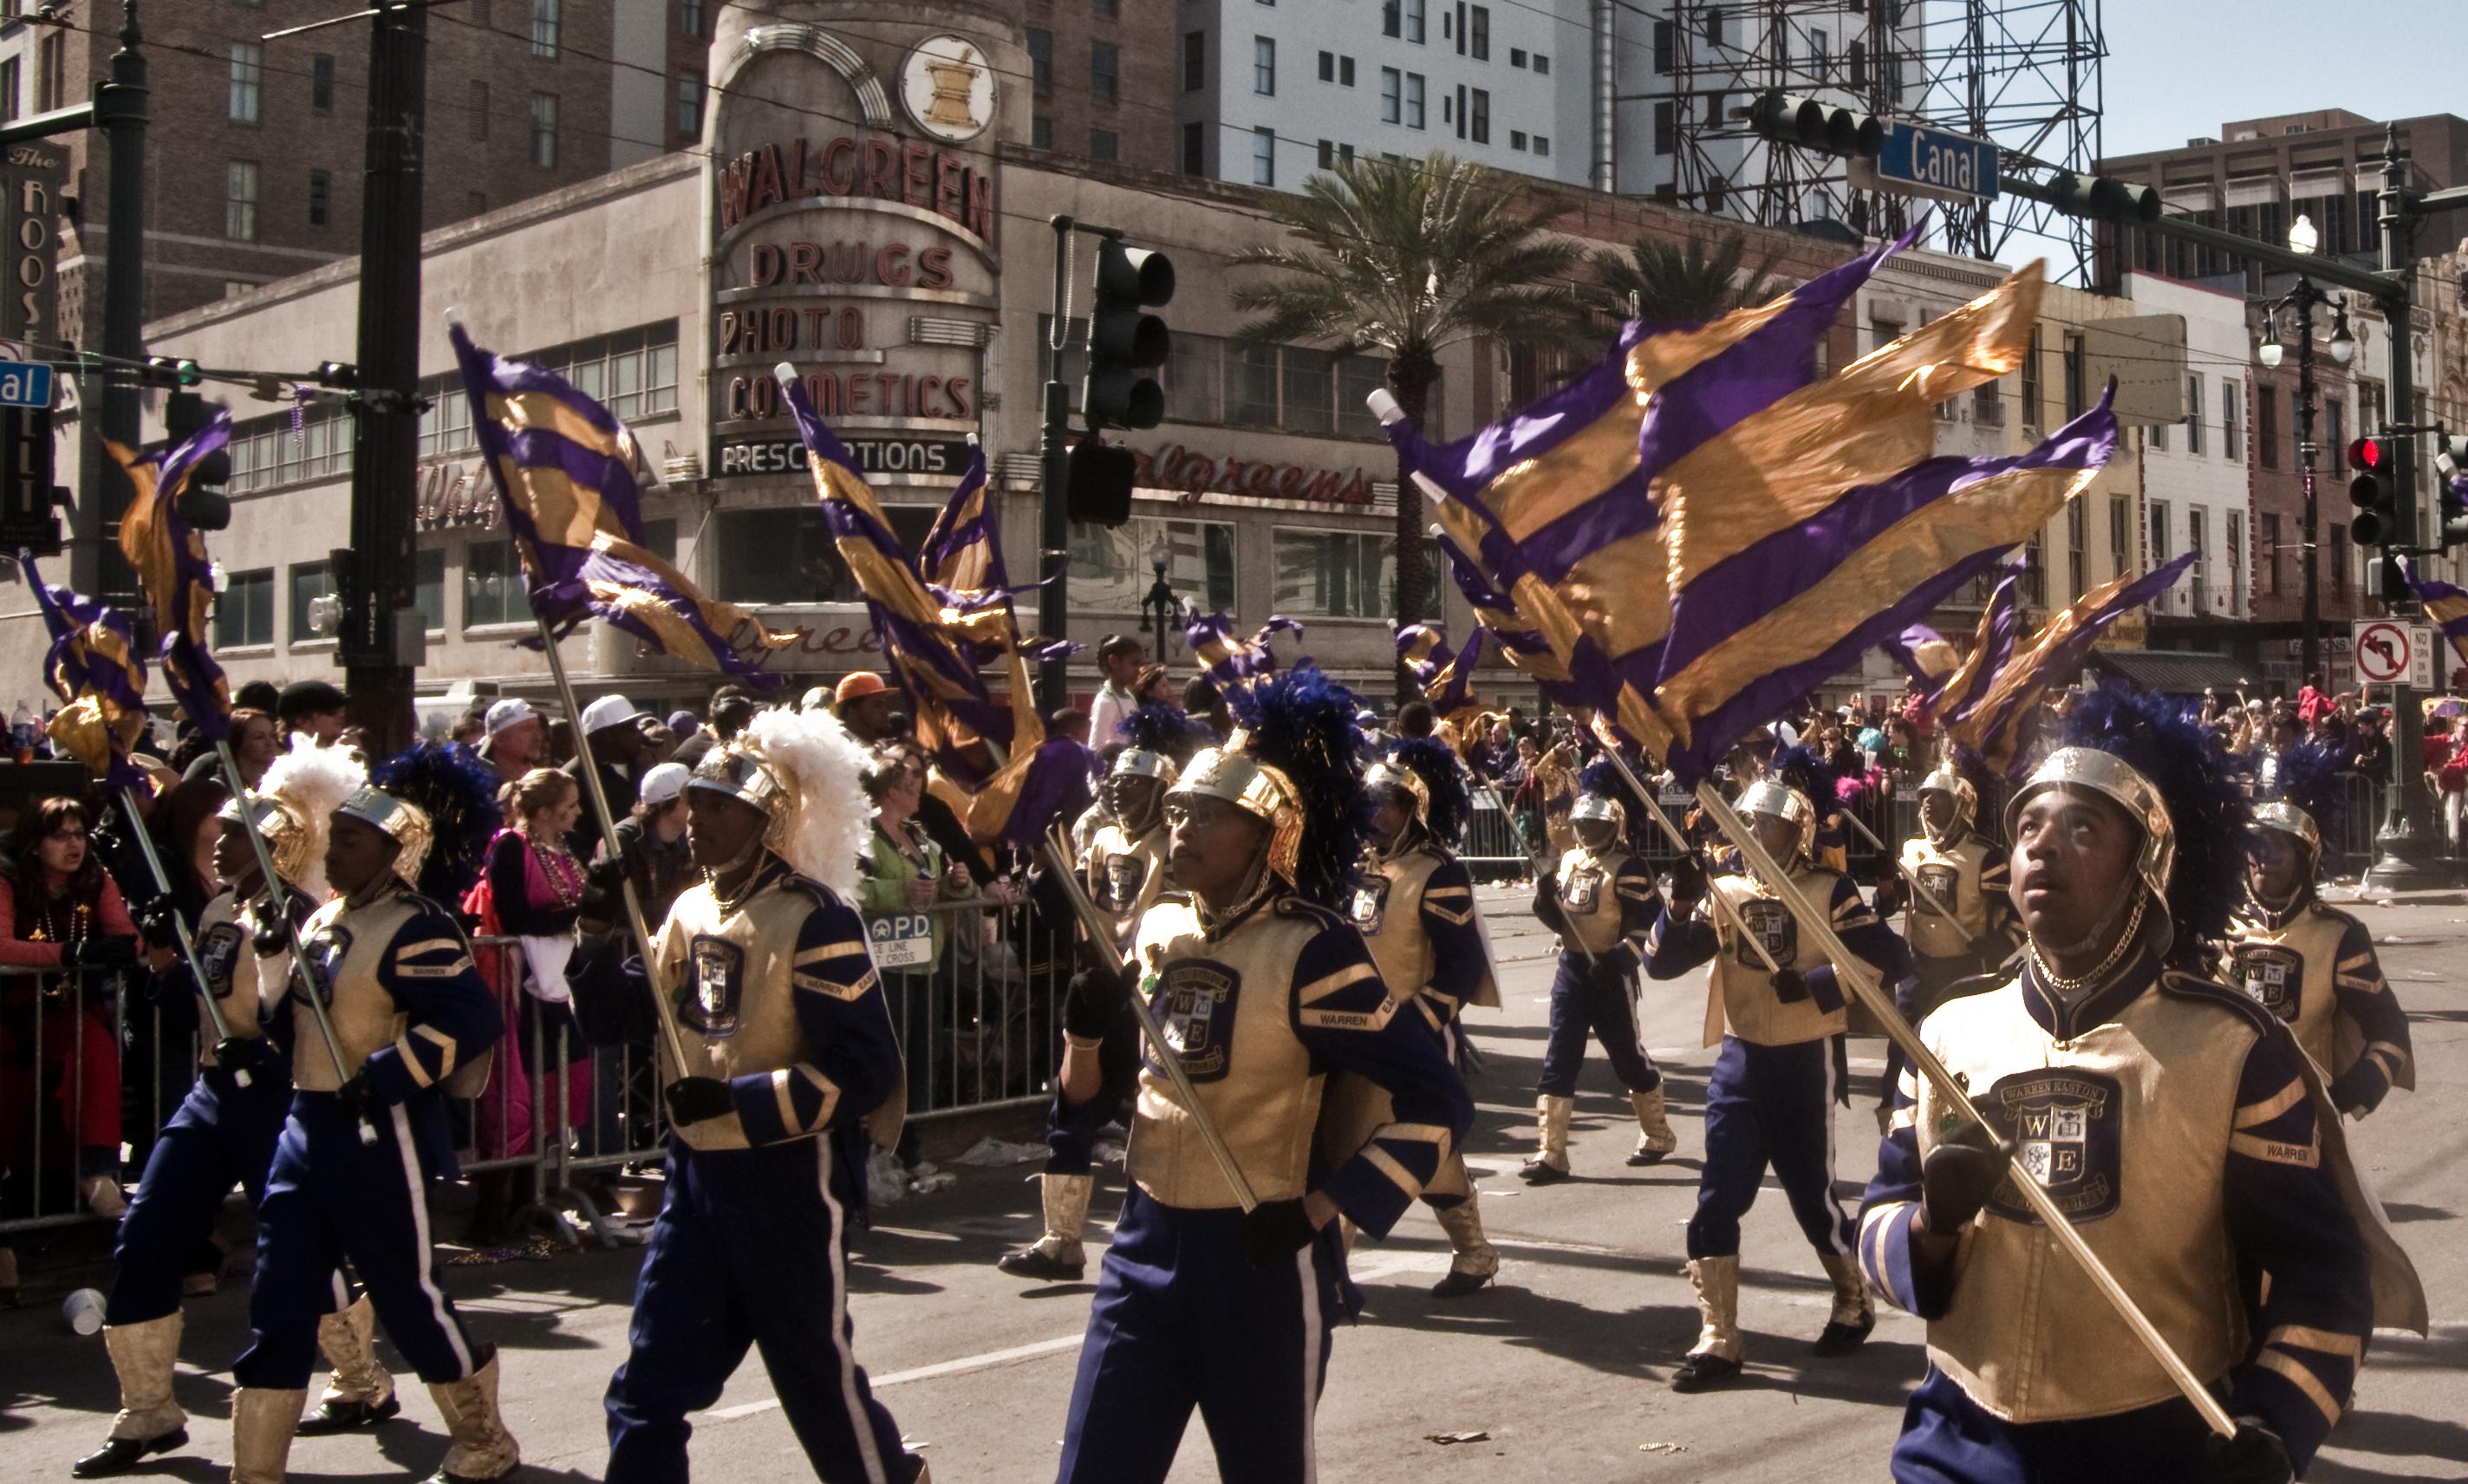 Mardis Gras New Orleans - NOLA Criminal Law